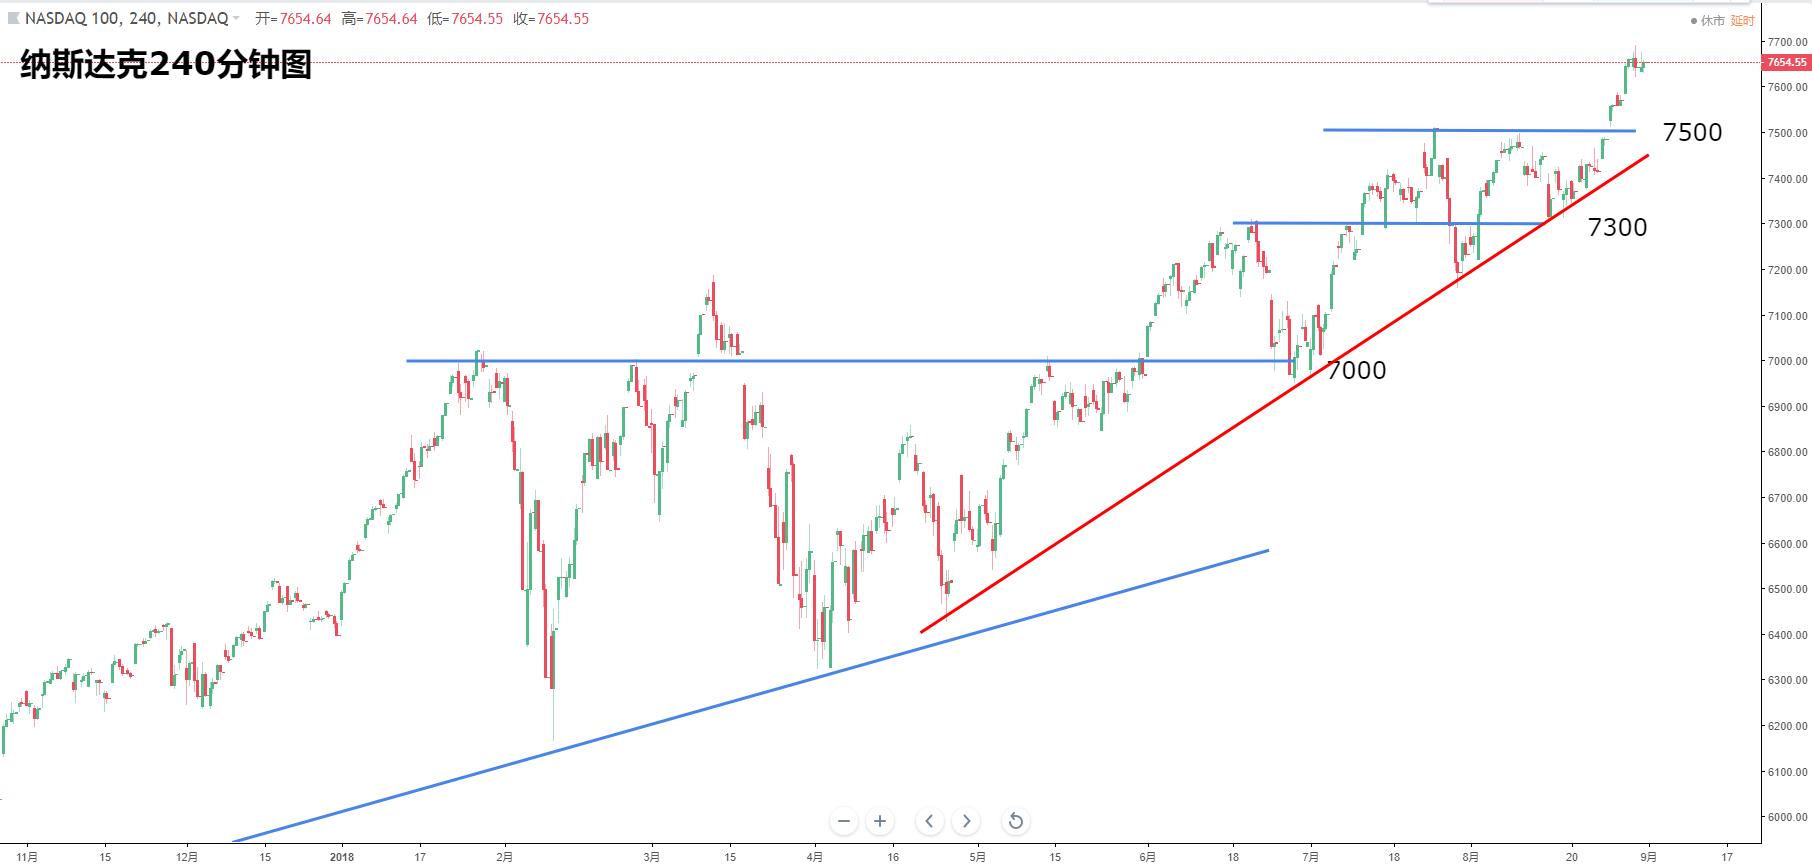 美国股指:道指、纳指、标普500最新走势分析(9月4日)